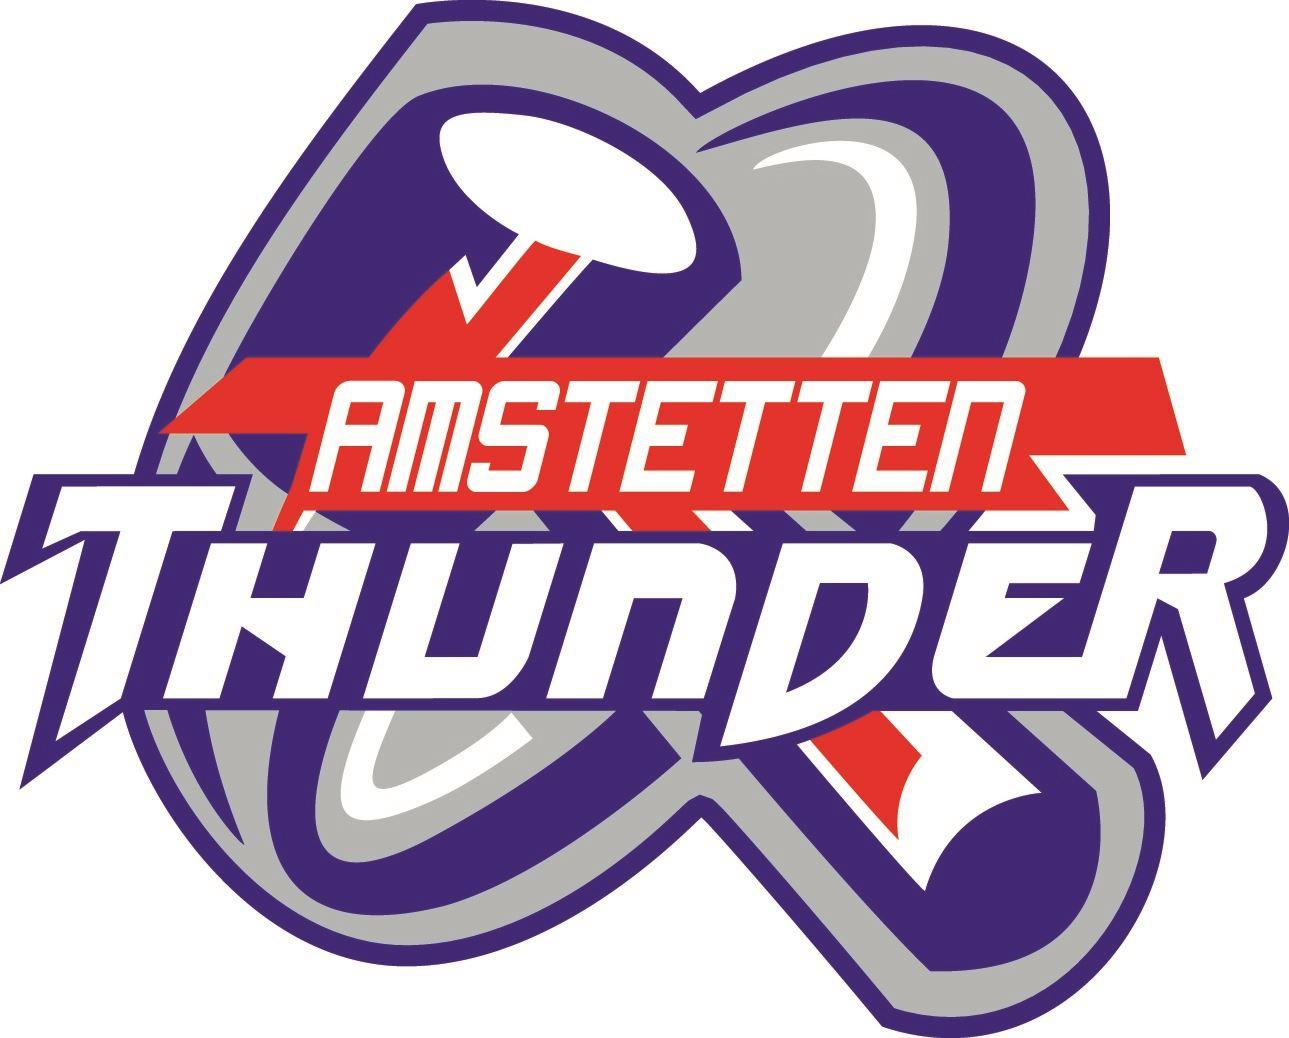 Amstetten Thunder - Amstetten Thunder